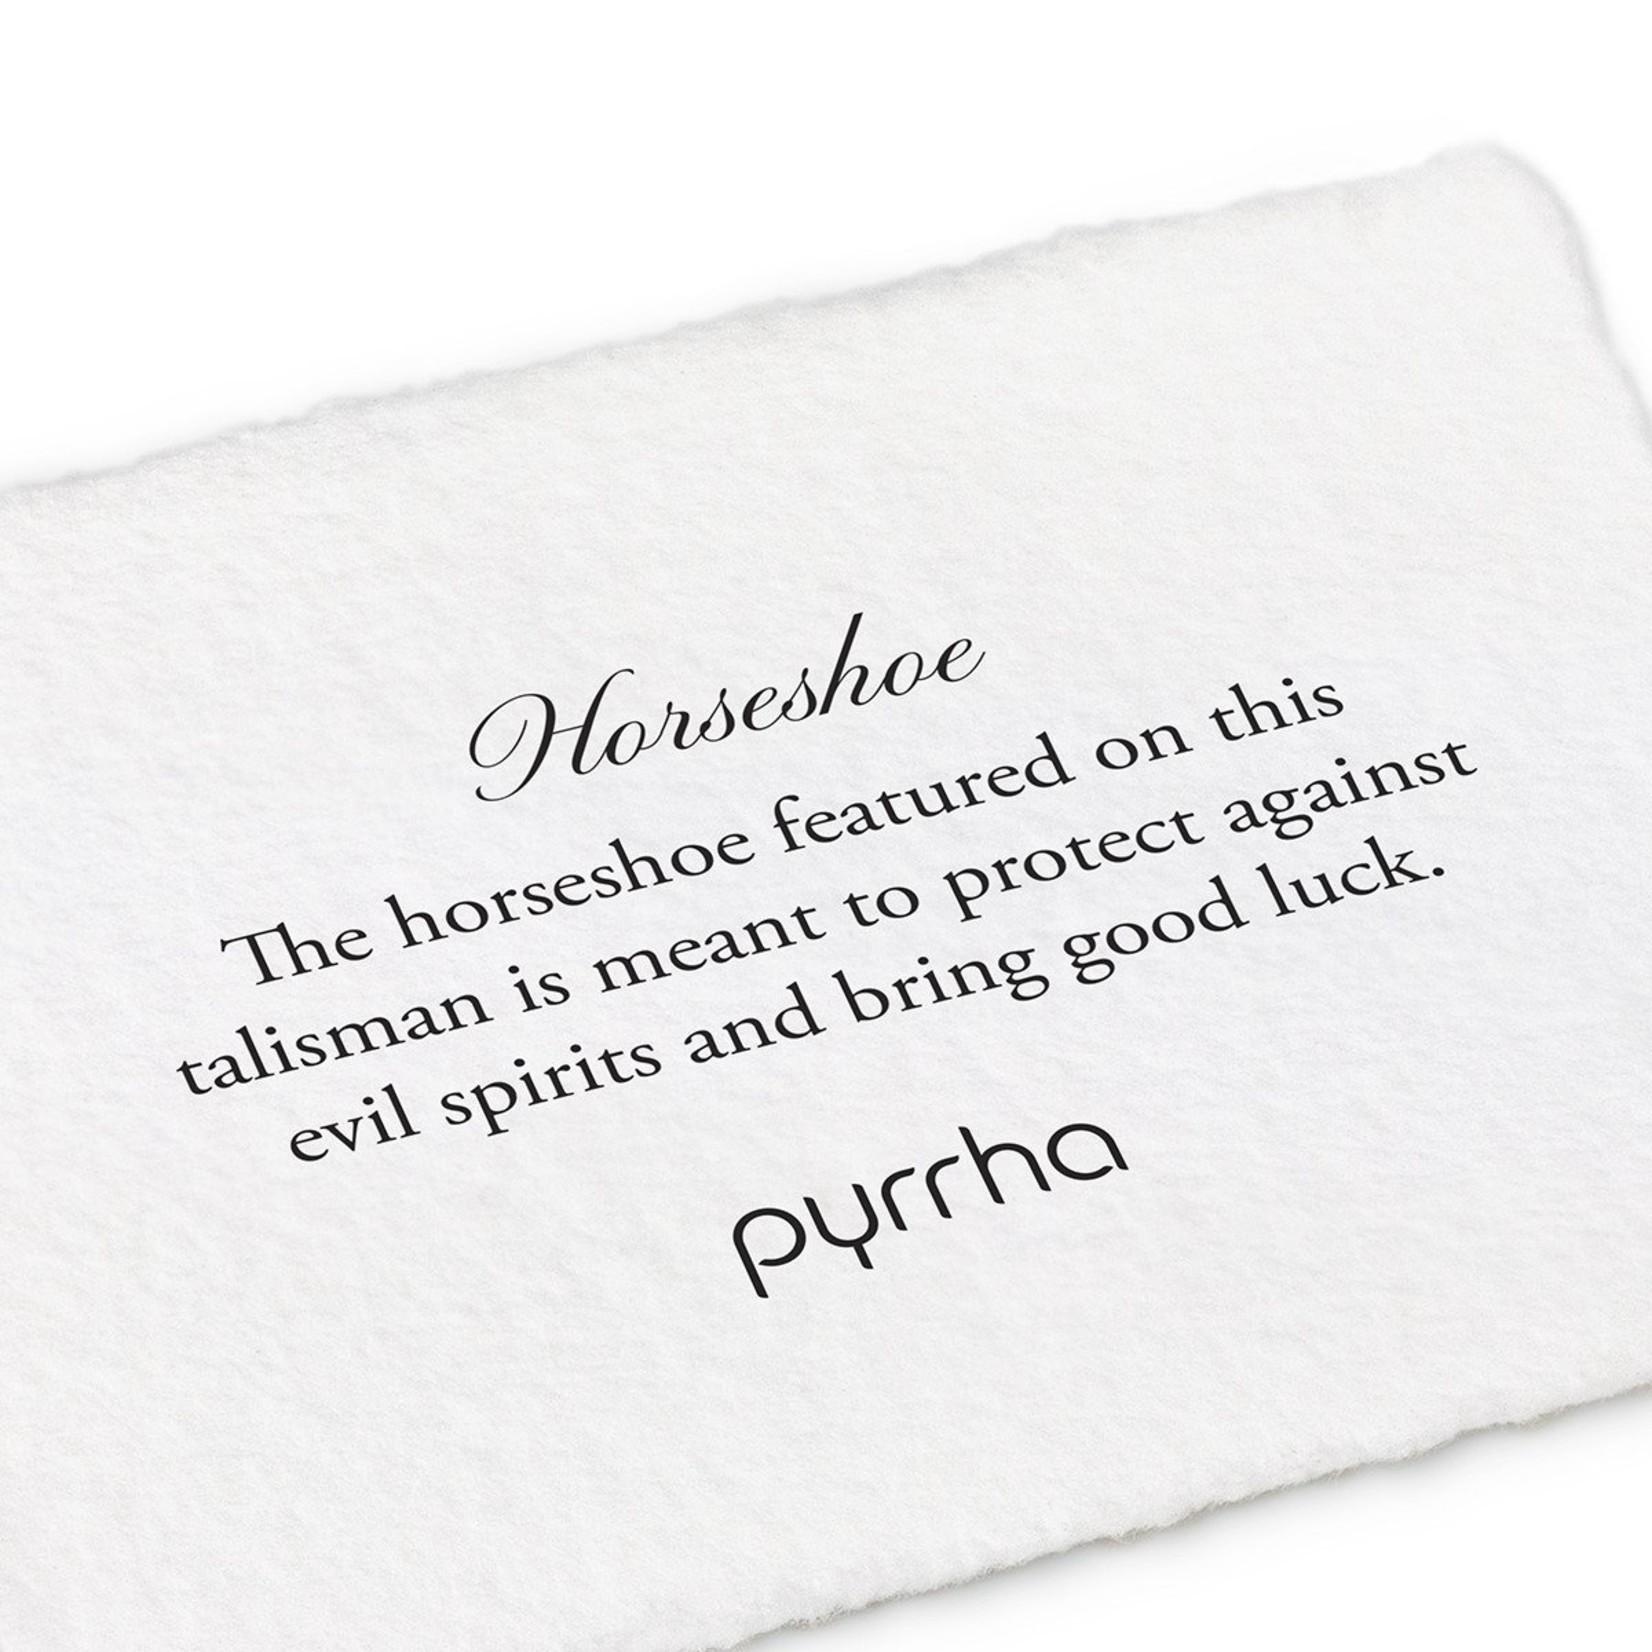 Pyrrha Horseshoe Signature Talisman